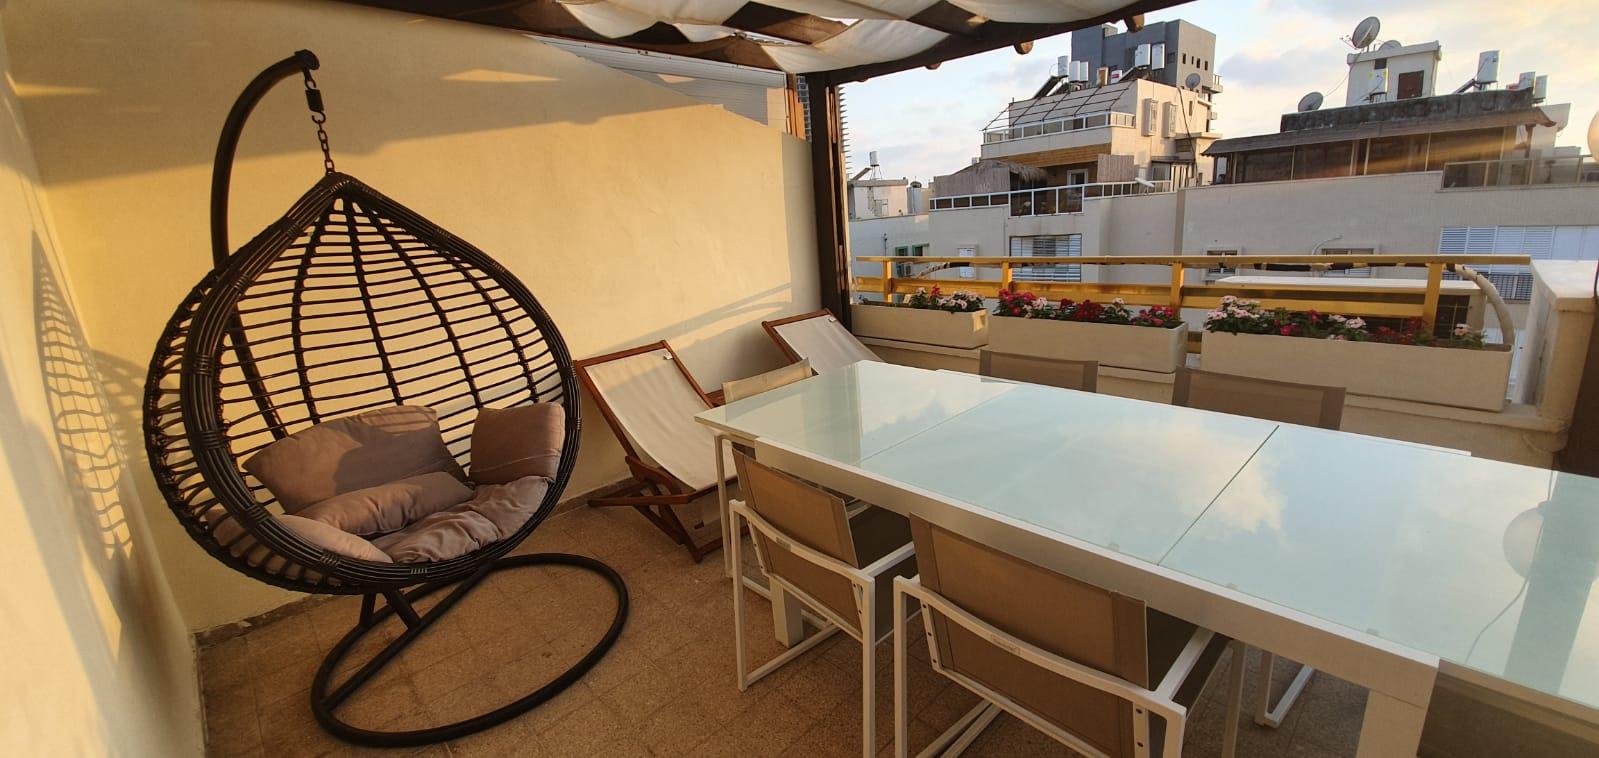 דירה למכירה 5 חדרים 2,500,000₪, בת ים